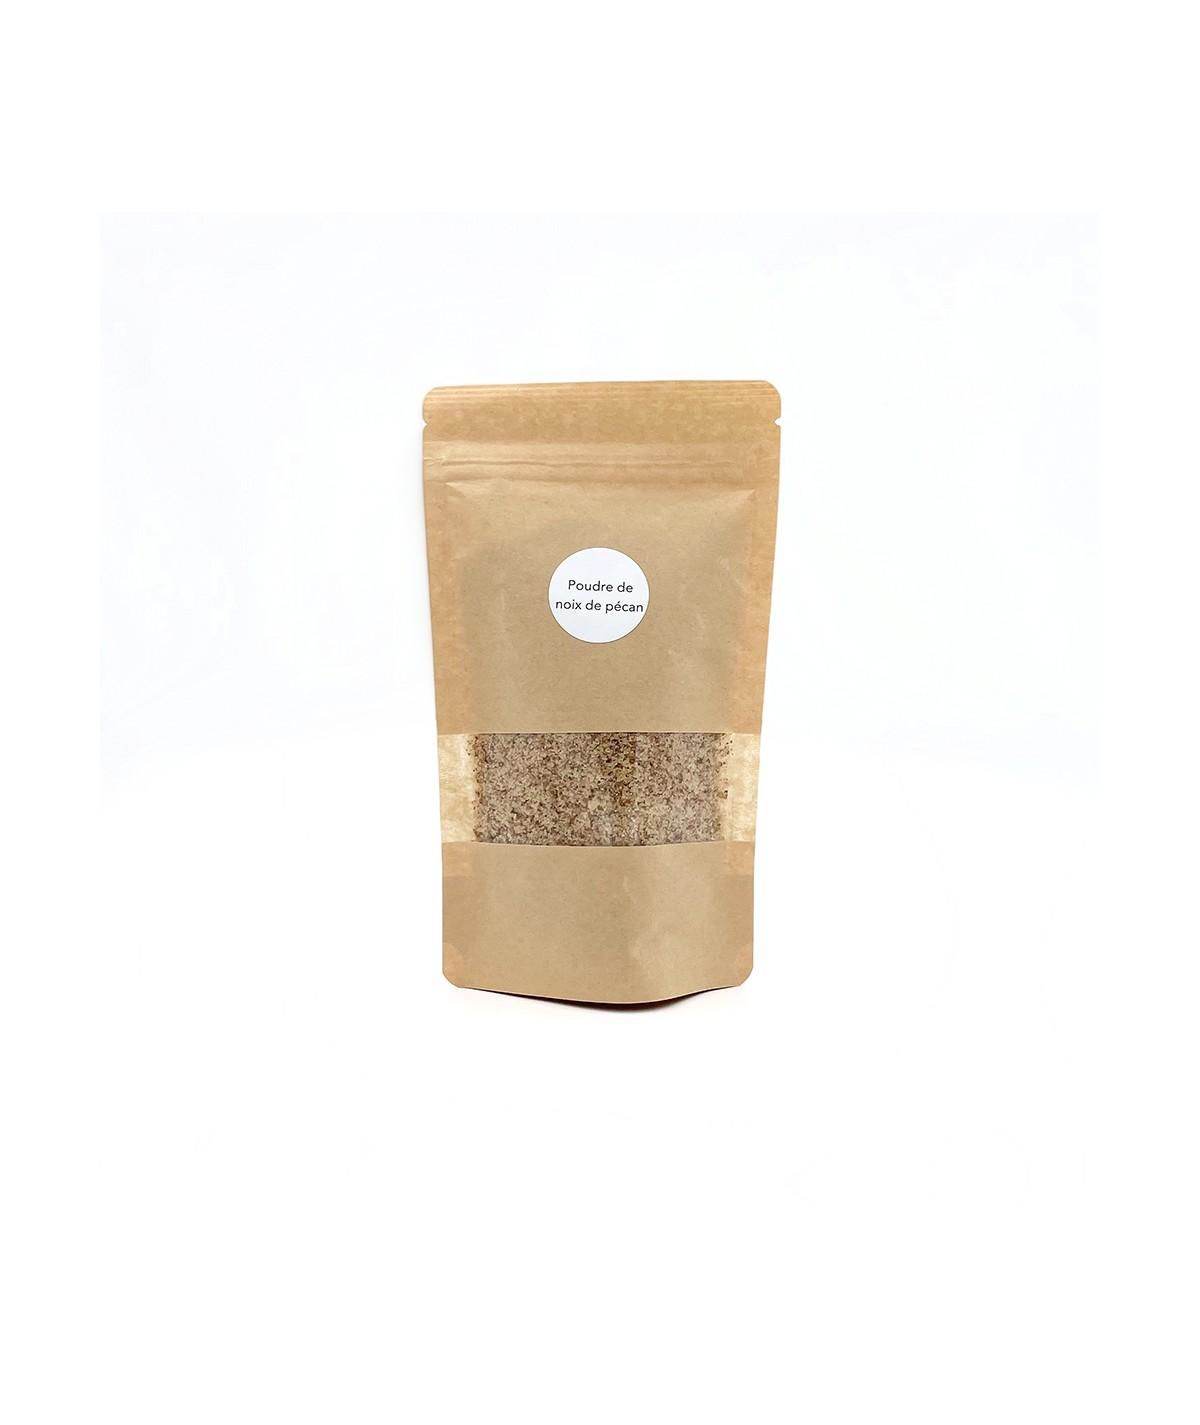 Pecan powder 100g